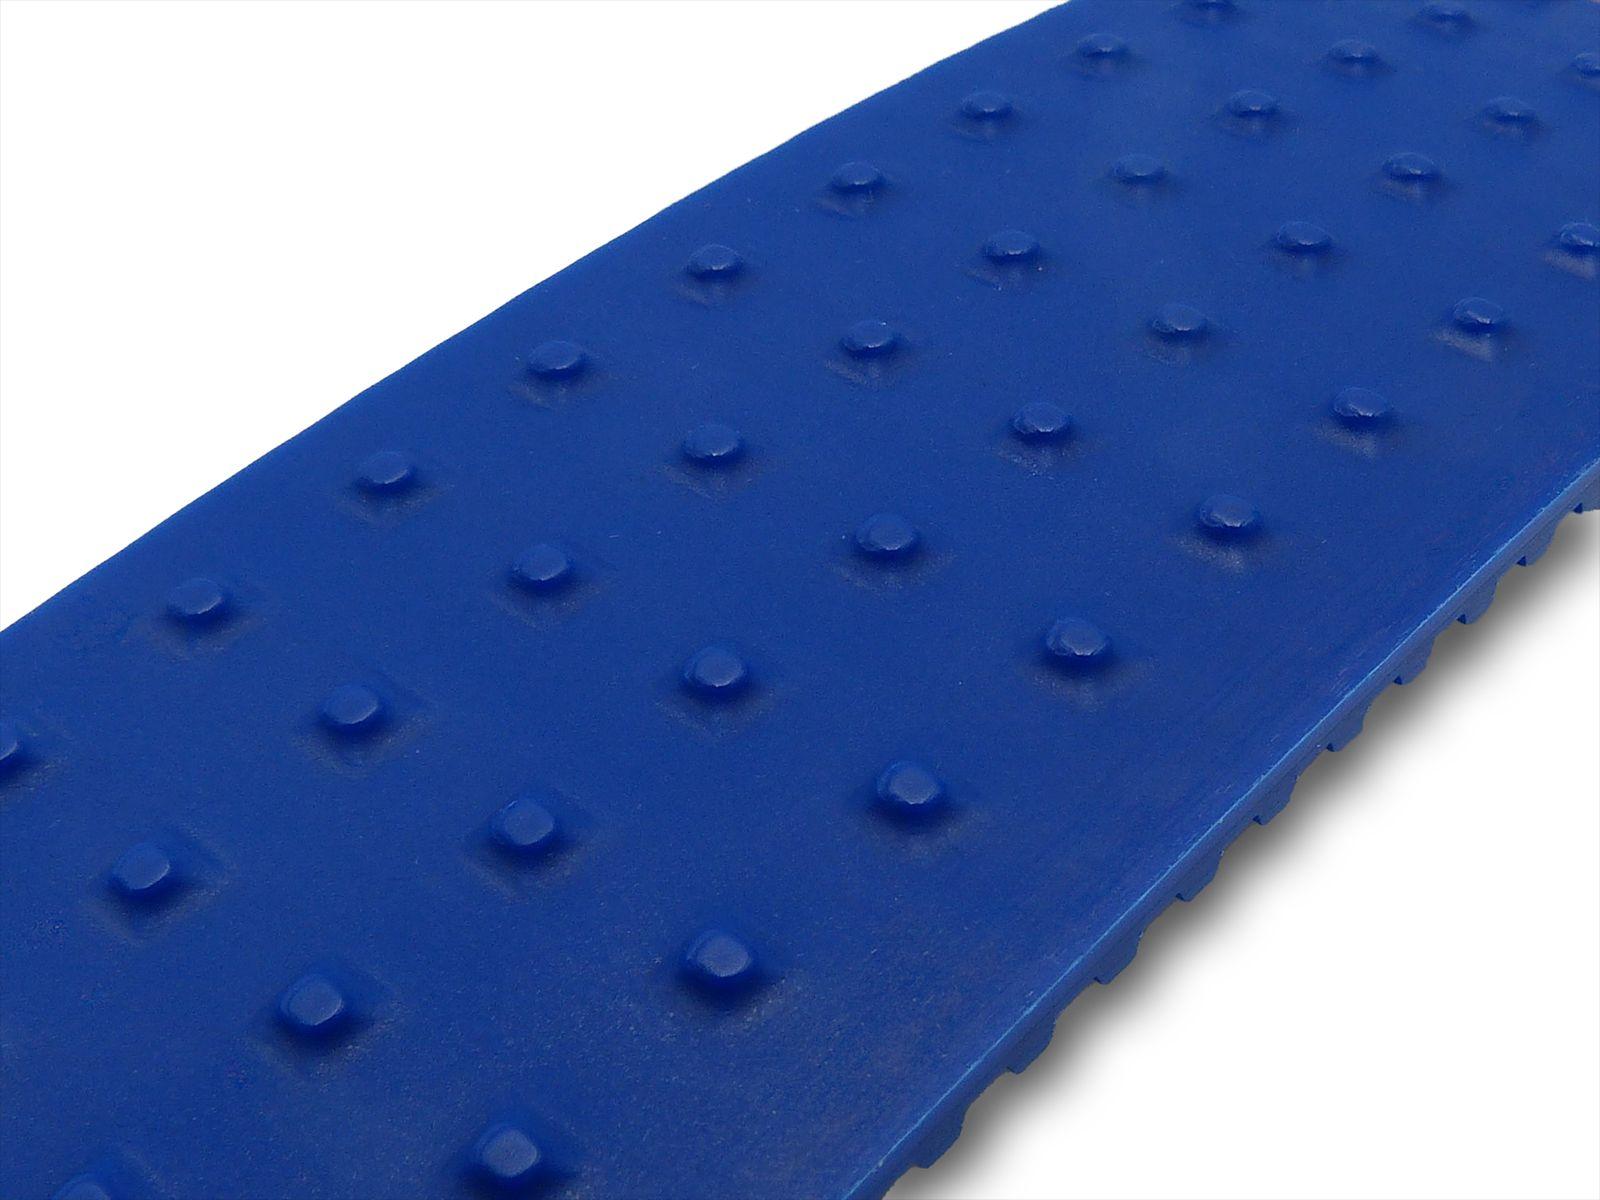 Geometria a borchie tonde da 3 mm e altezza 1,5 mm con interasse quadro 10 mm